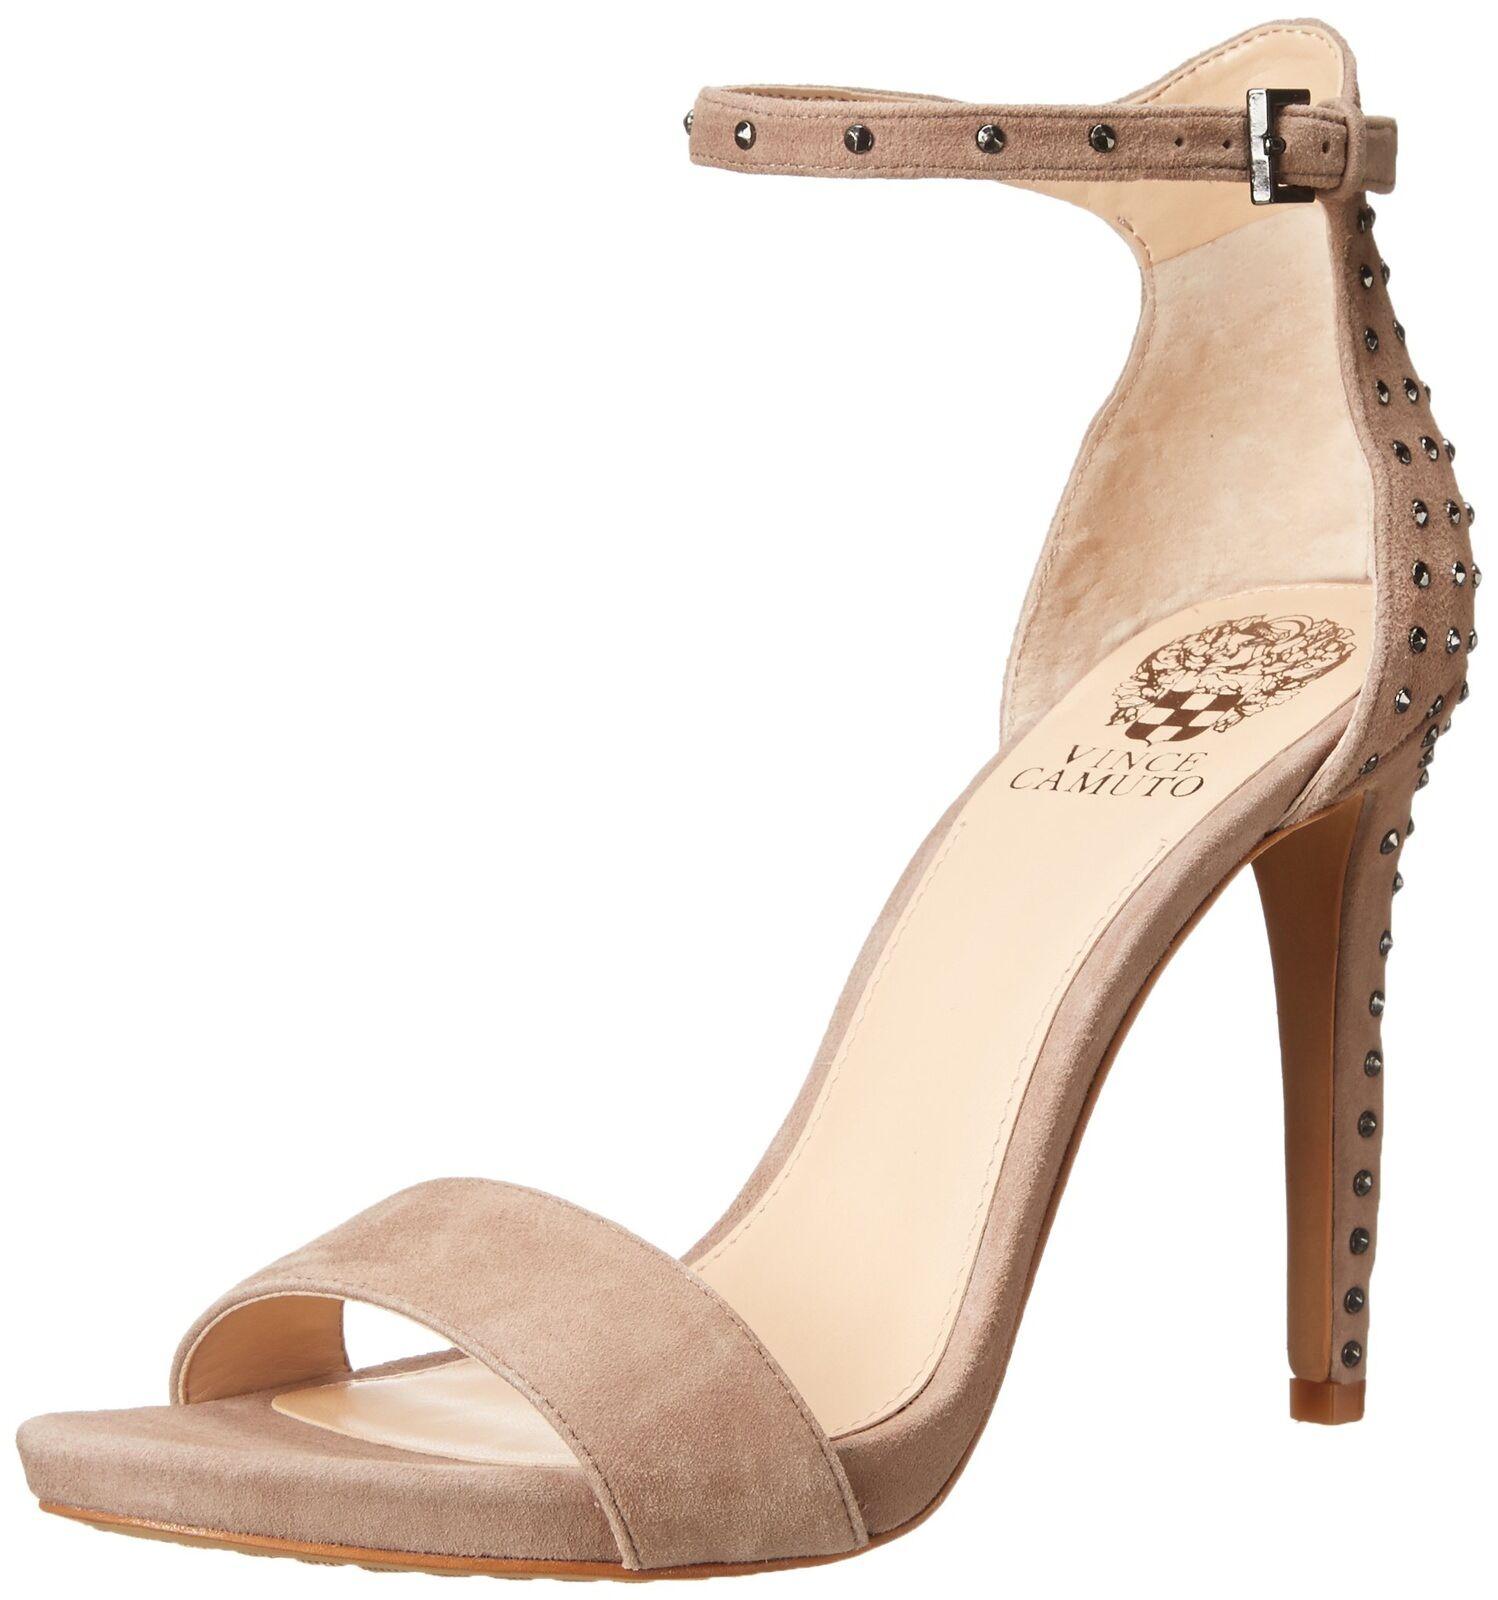 in cerca di agente di vendita Vince Camuto Donna  Fora Dress Dress Dress Sandal Tapulicious 6 B(M) US  alta qualità